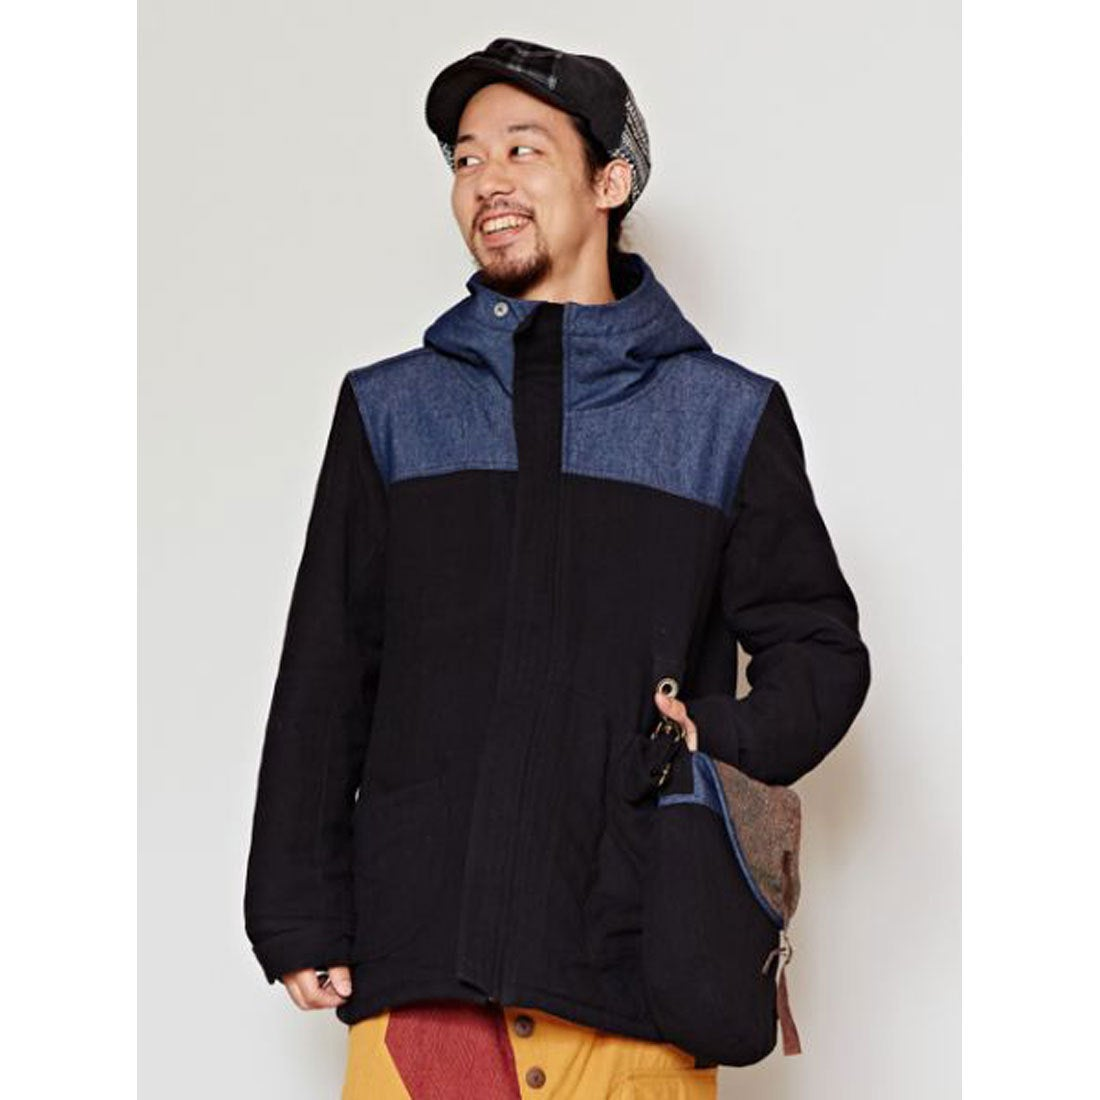 【チャイハネ】サイドバッグ付きMEN'Sフードジャケット ブラック